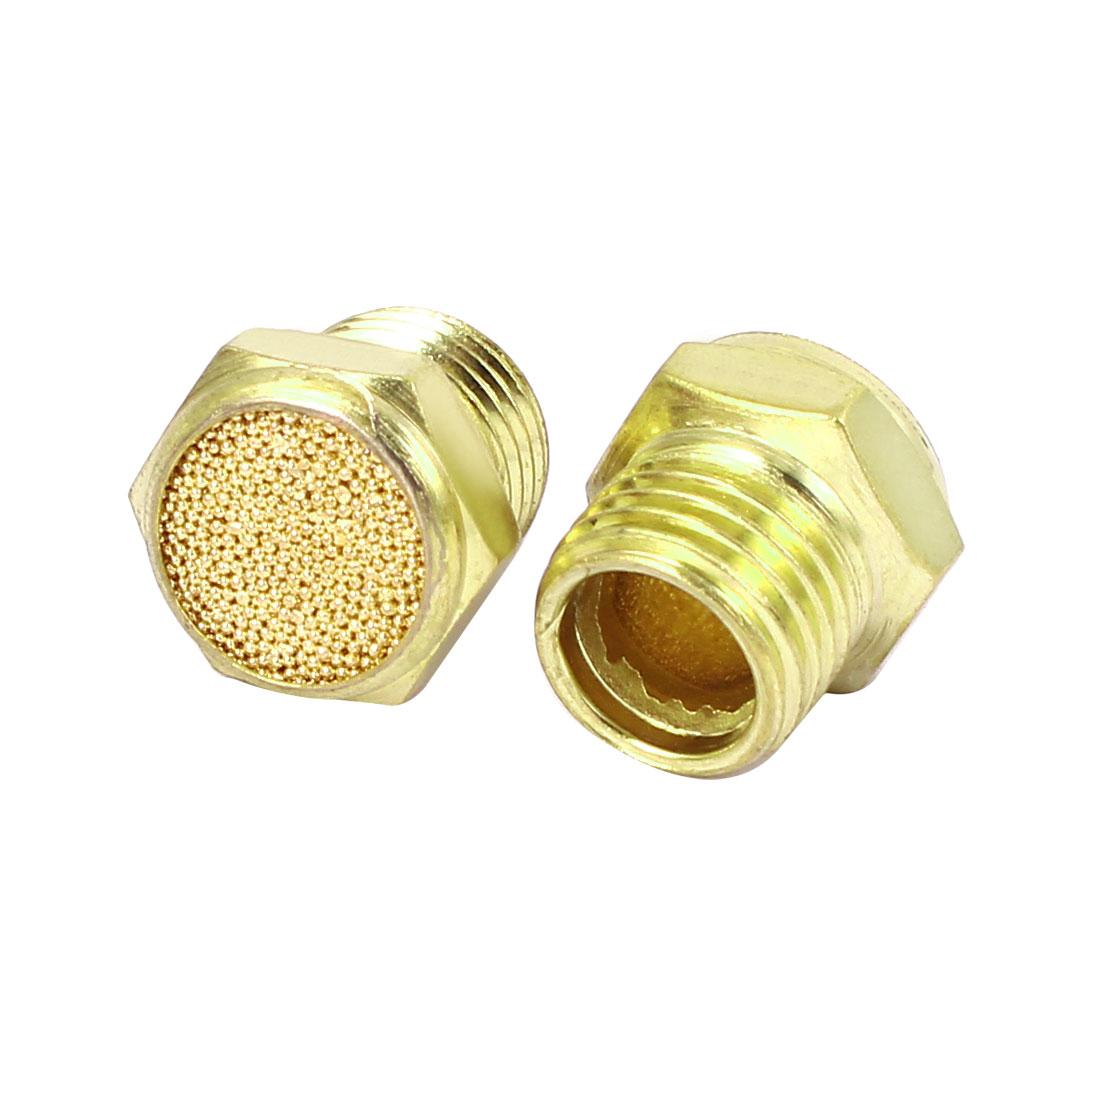 1/4BSP Flat Head Pneumatic Air Breather Muffler Noise Reduce Exhaust 2pcs